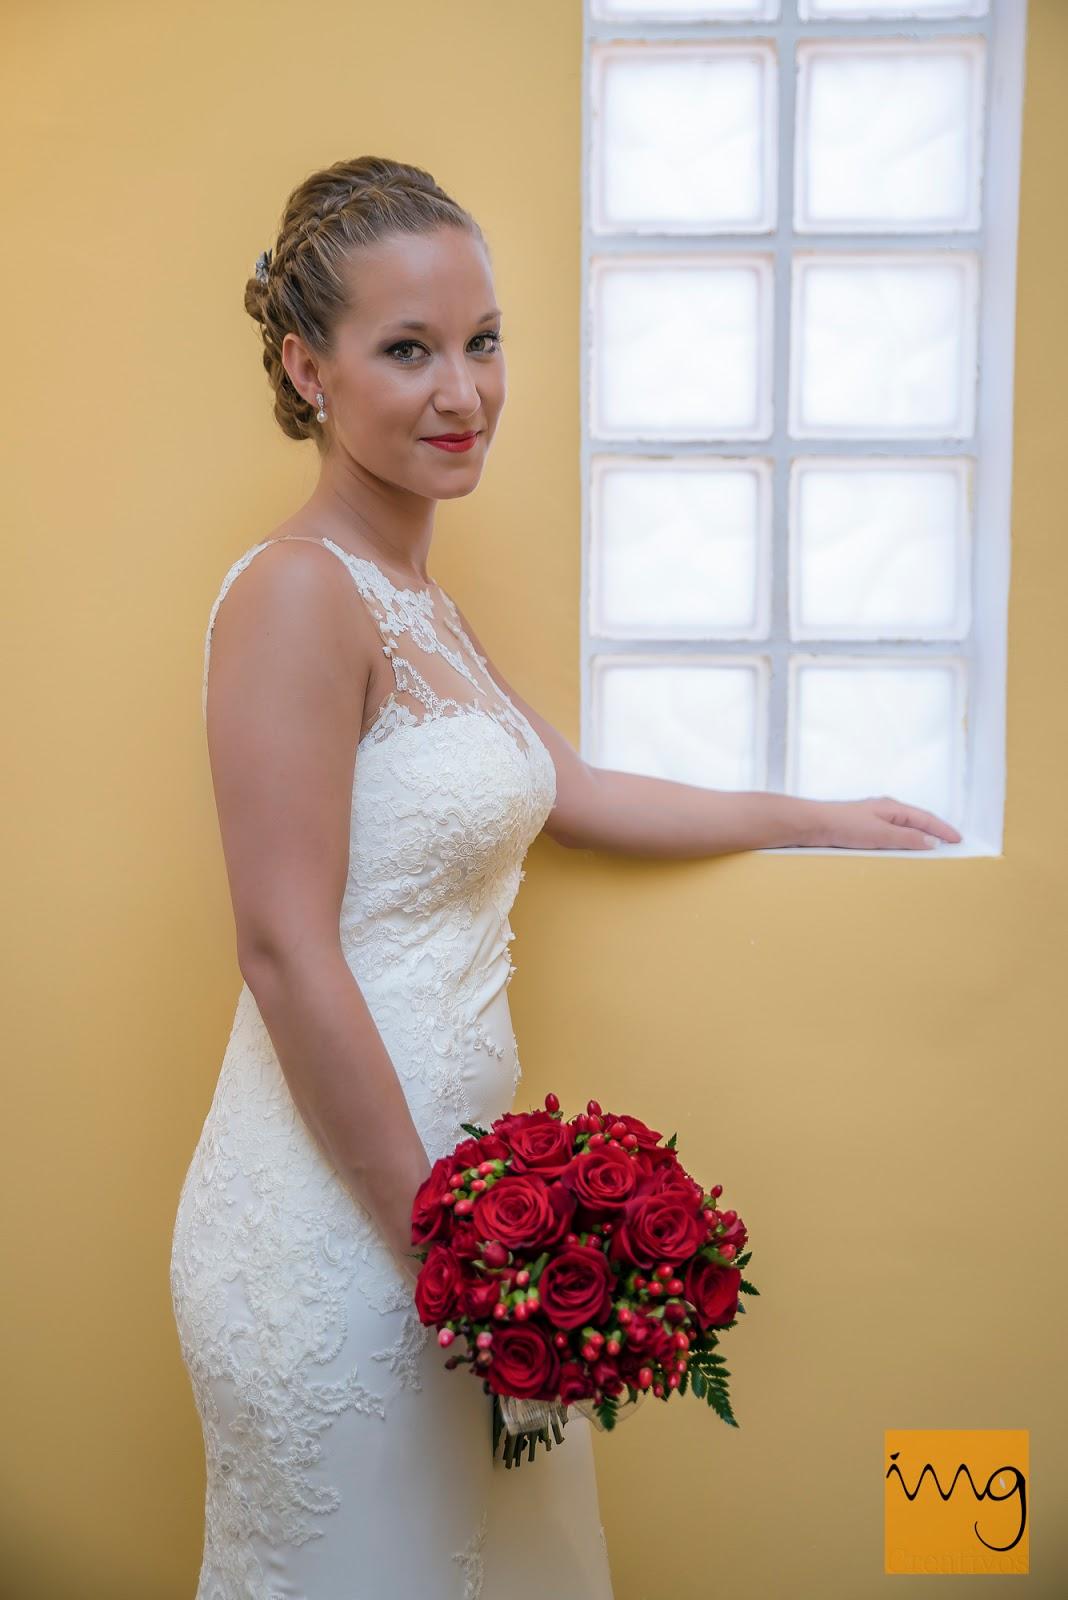 Fotografía de la novia con el ramo de boda